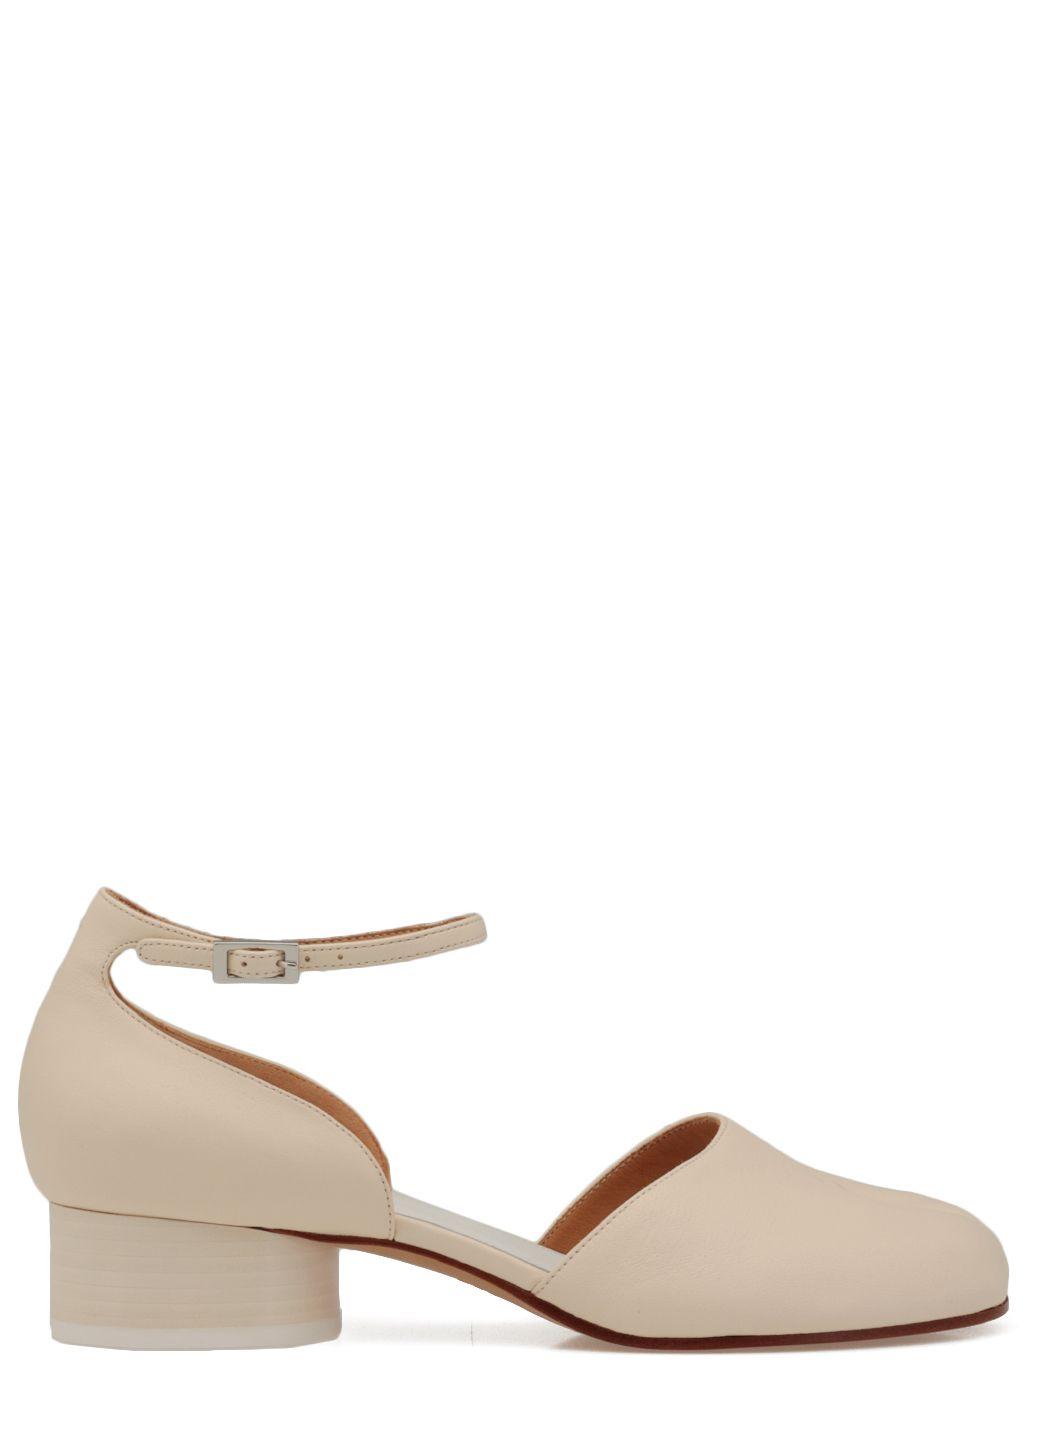 Leather Tabi shoe